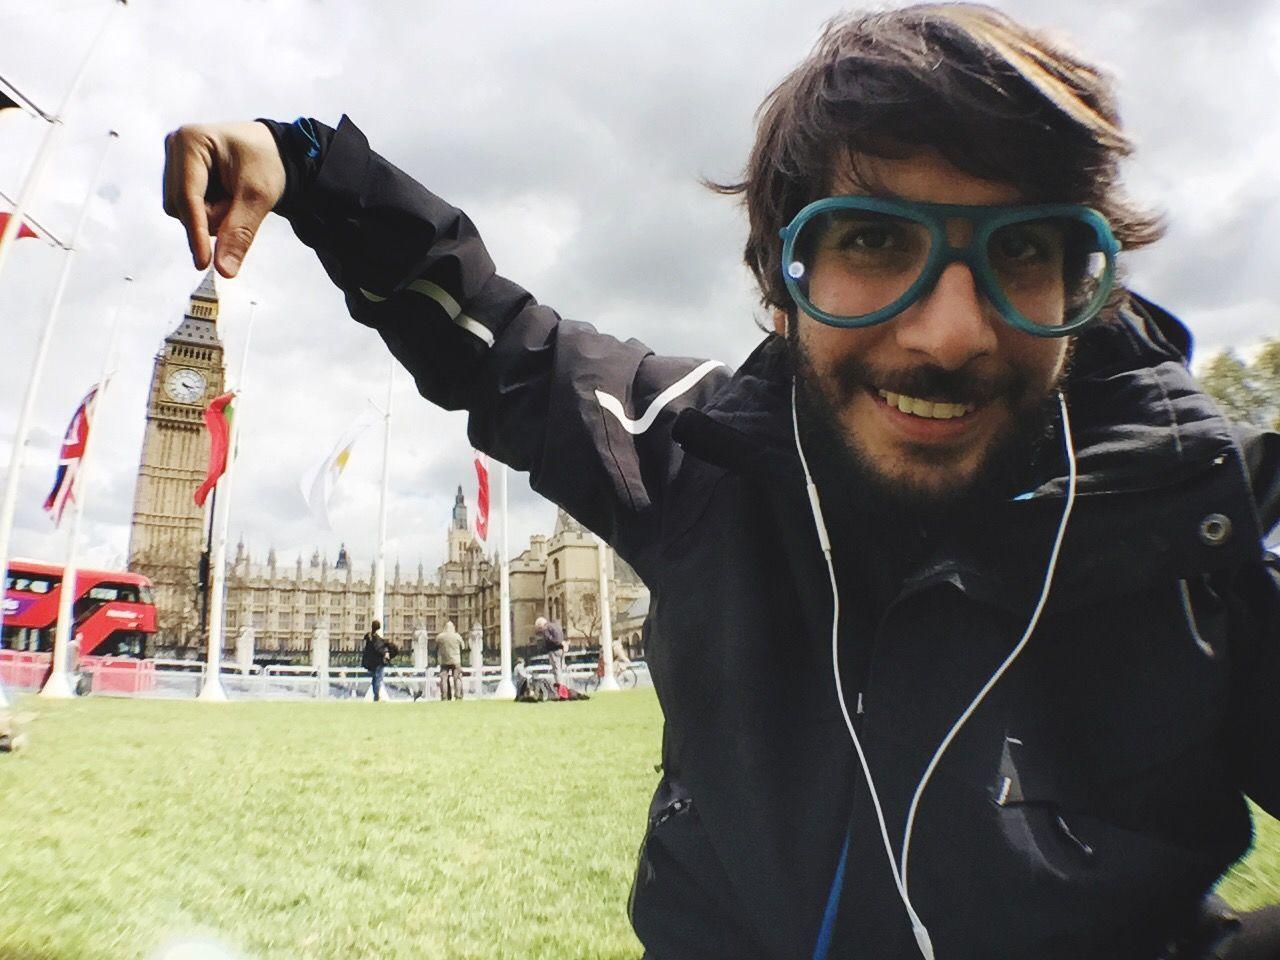 ME LO LLEVO!! Bigben Big Ben Elizabethtower Westminster London Selfie Selfie ✌ LONDON❤ London_only That's Me The Week On EyeEm